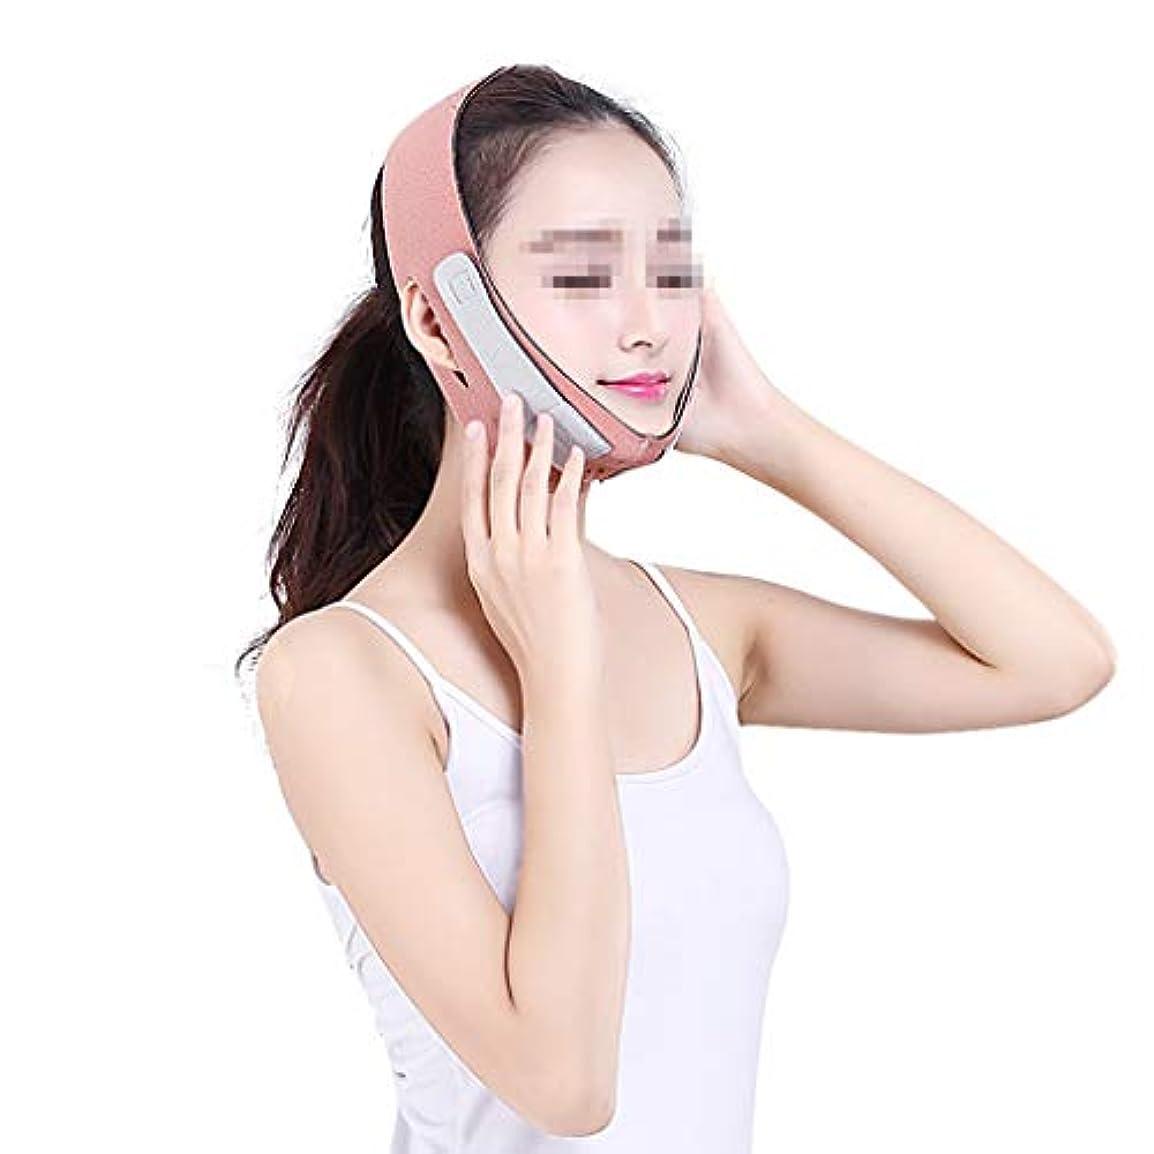 ポータル急襲手綱XHLMRMJ 顔の持ち上がる睡眠のV顔の包帯、マスクの顔の顔のマッサージャーのあごの顔の持ち上がる顔の持ち上がる顔の持ち上がる機械